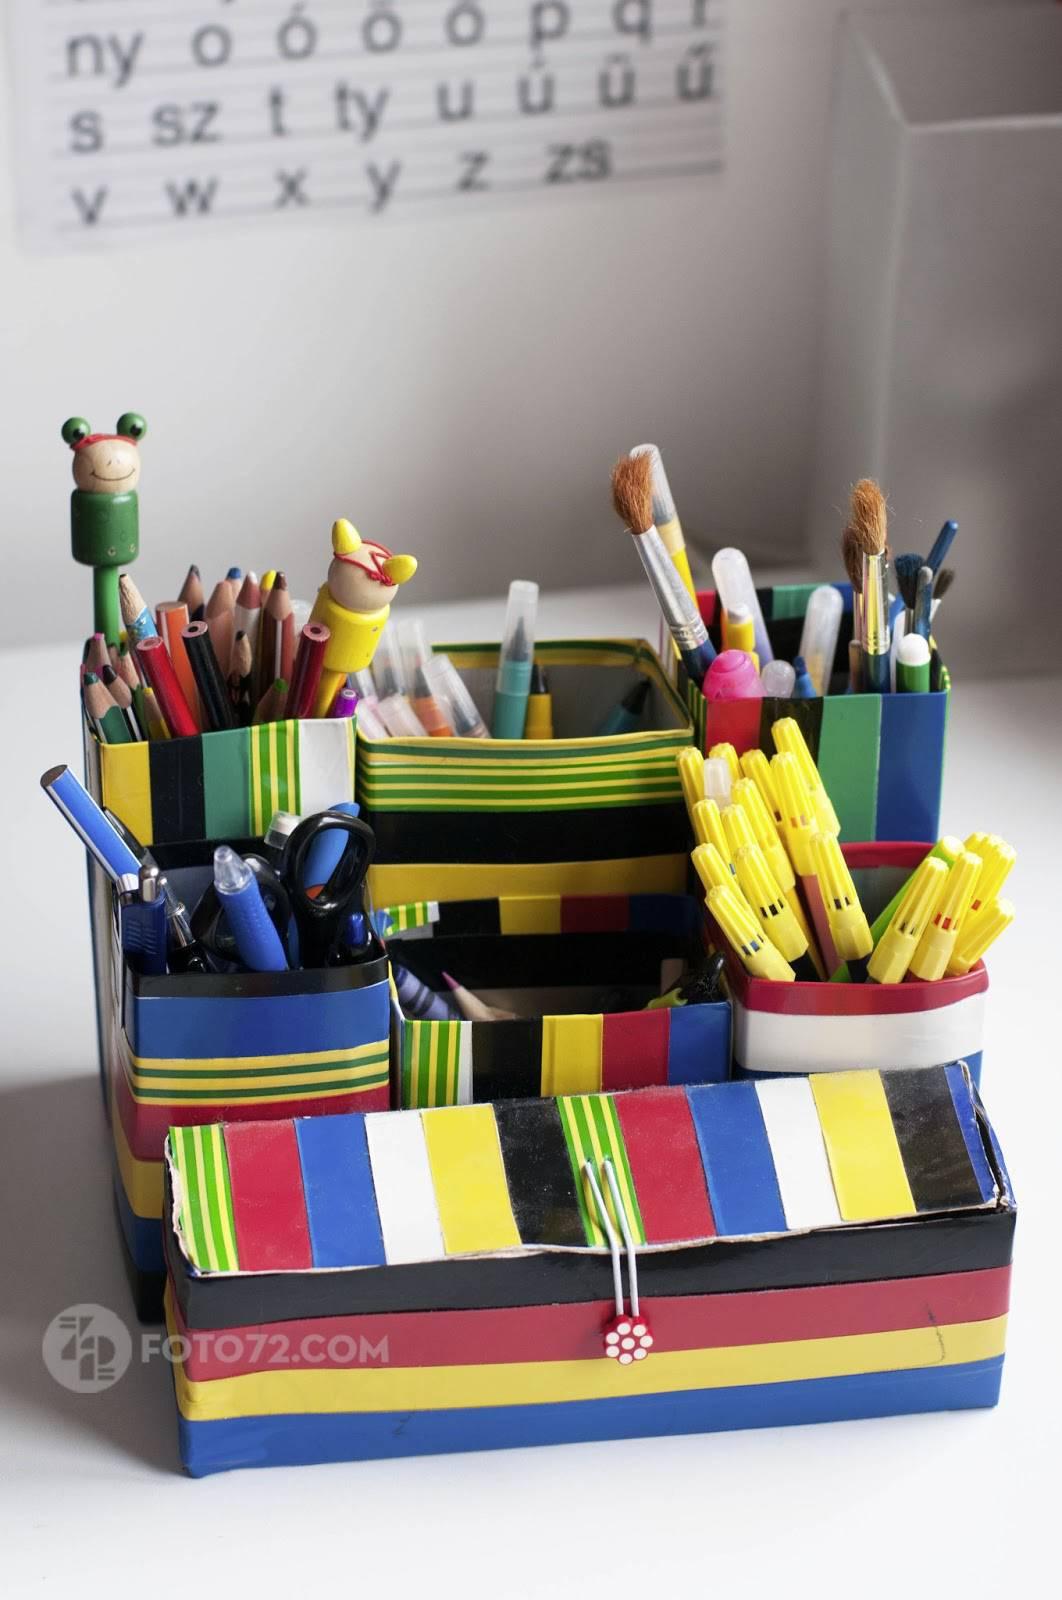 Artesanato com Caixa de Leite Organizador de lapis